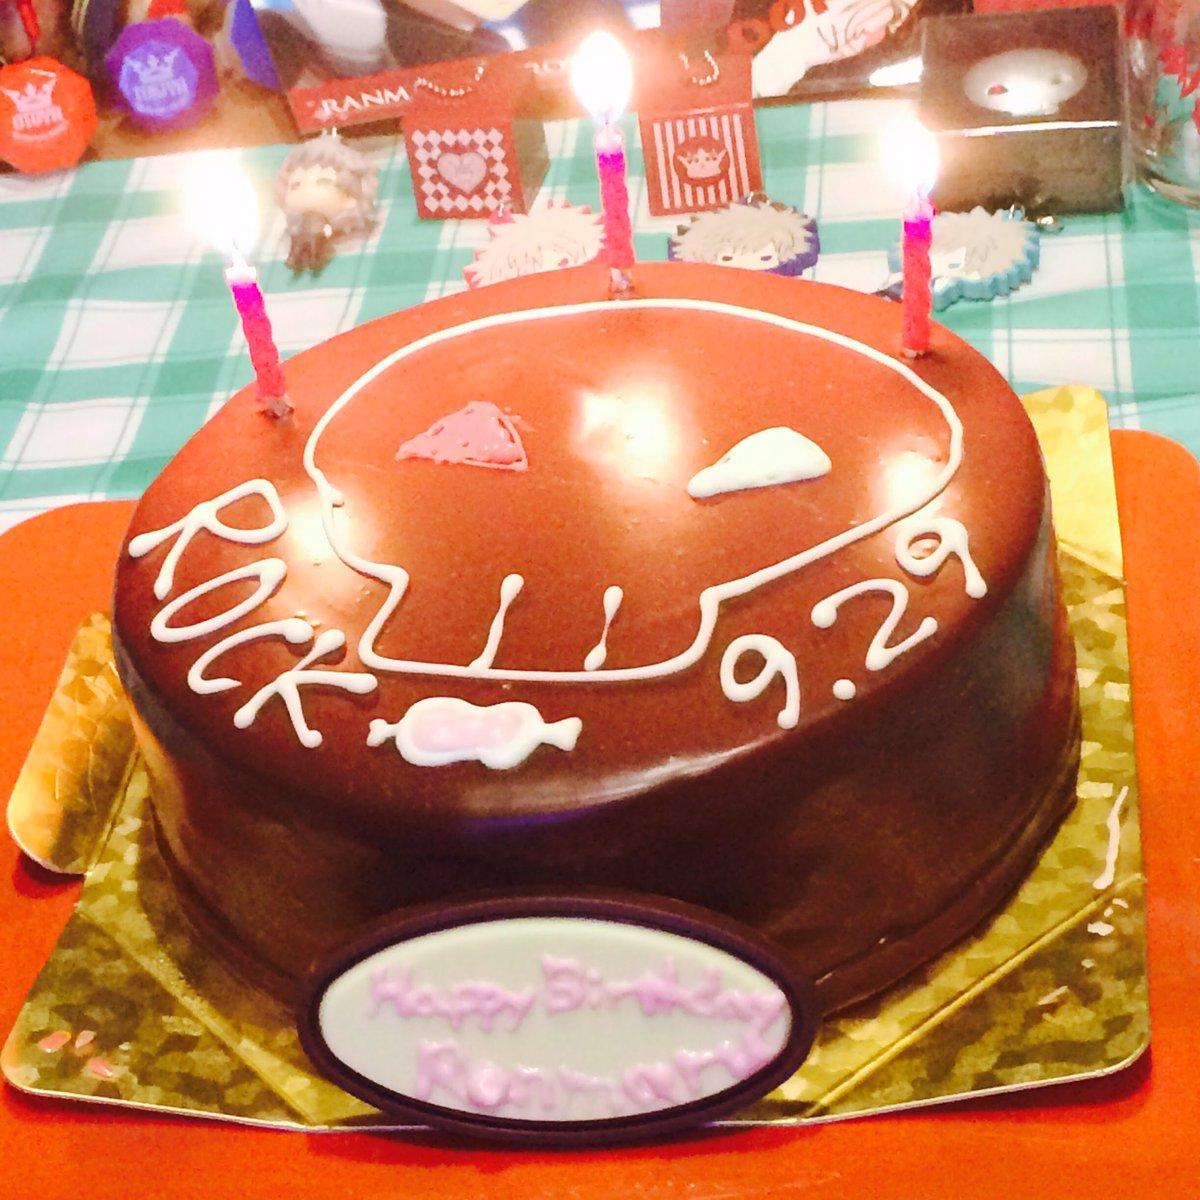 お誕生日おめでとうございます!!🎂🎉✨💕 #utapri_ranmaru_BD2017 #黒崎蘭丸生誕祭2017